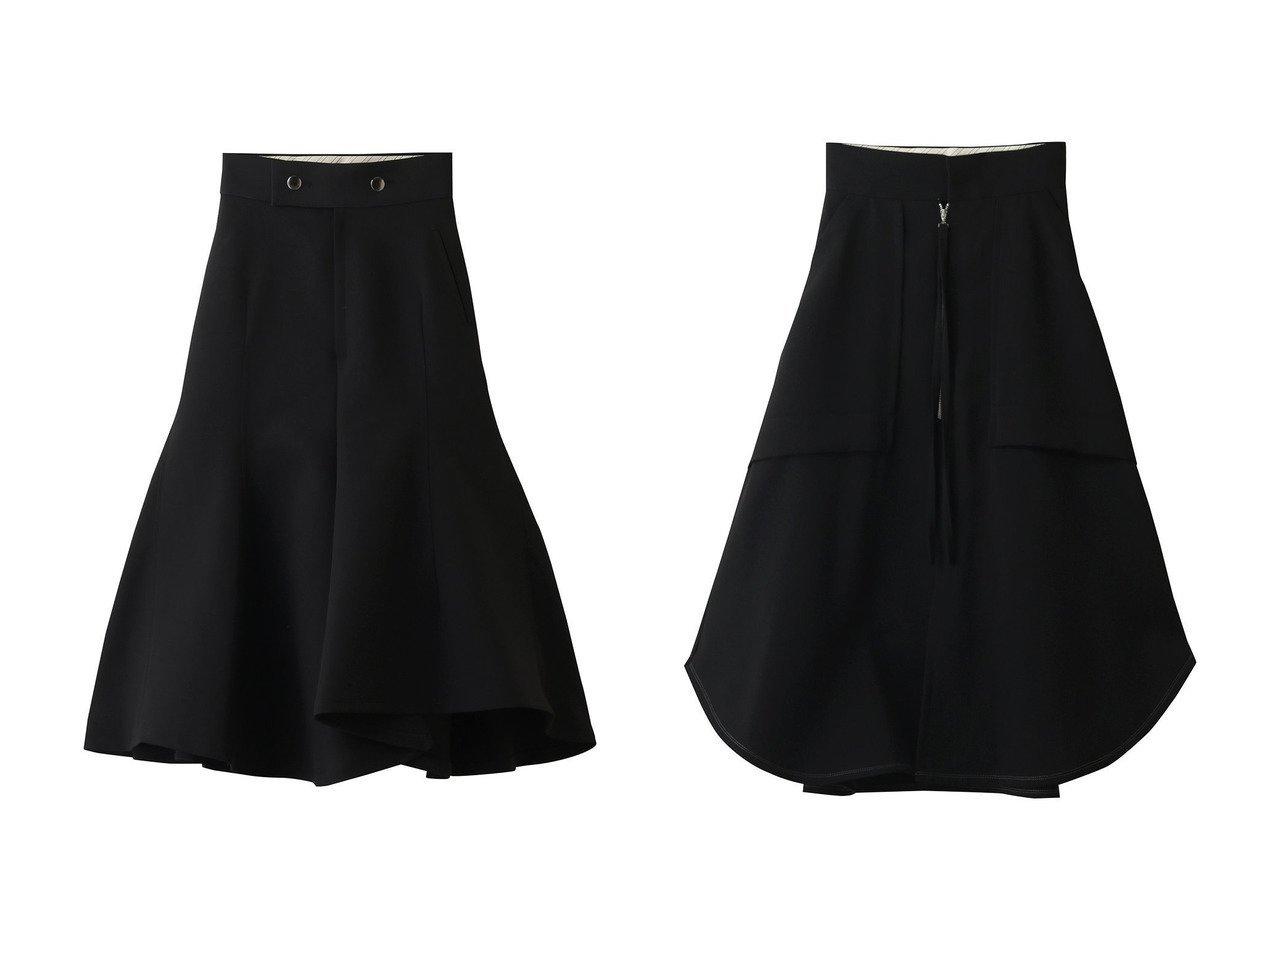 【Ujoh/ウジョー】のランダムヘムスカート&ワークフレアスカート 【スカート】おすすめ!人気、トレンド・レディースファッションの通販 おすすめで人気の流行・トレンド、ファッションの通販商品 インテリア・家具・メンズファッション・キッズファッション・レディースファッション・服の通販 founy(ファニー) https://founy.com/ ファッション Fashion レディースファッション WOMEN スカート Skirt Aライン/フレアスカート Flared A-Line Skirts エレガント バランス フレア シンプル ポケット ワーク |ID:crp329100000069142